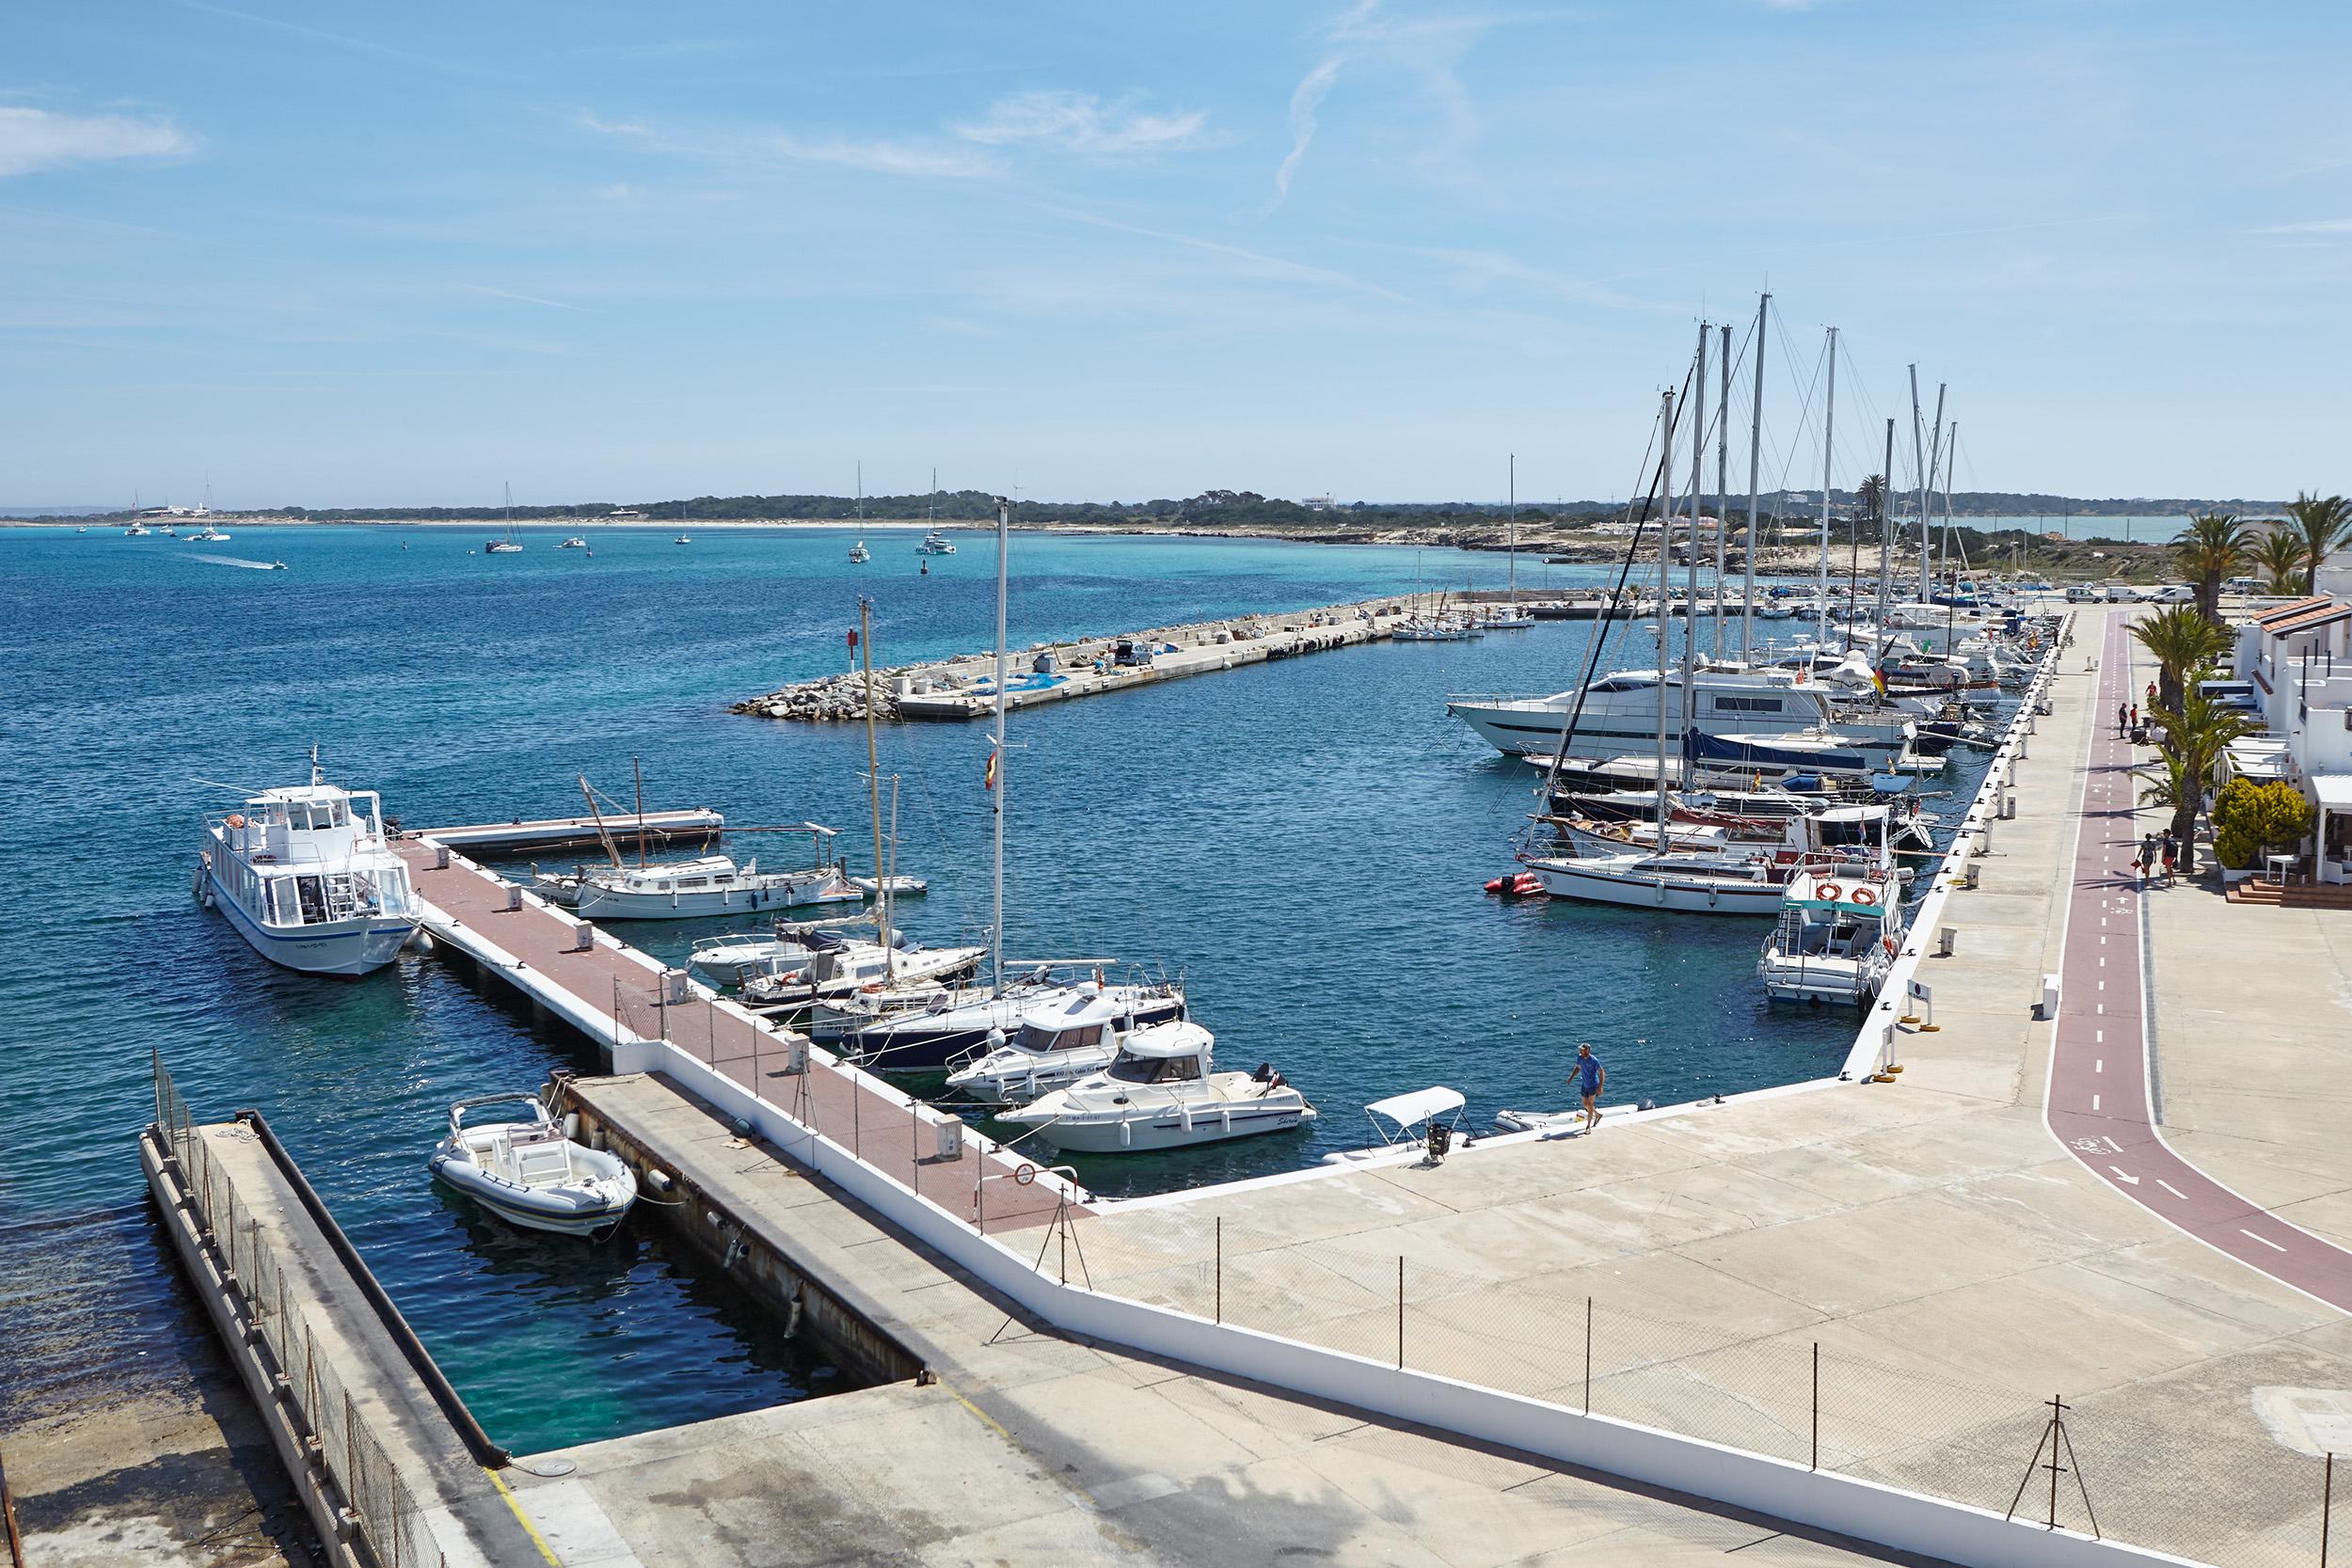 Die APB lehnt die Fristerweiterung und Verlängerung für Formentera ...